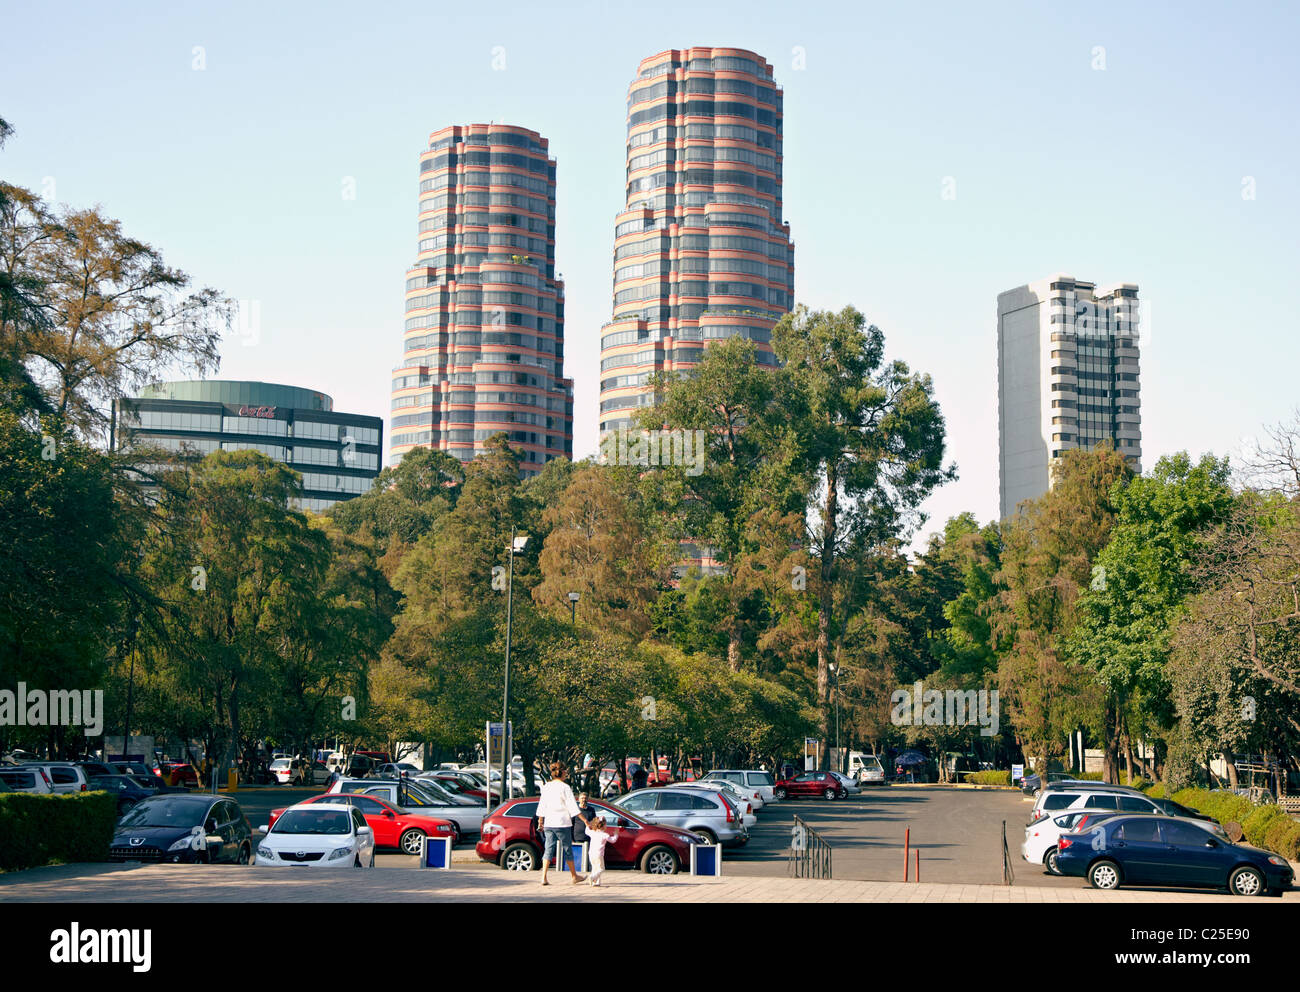 Paseo De La Reforma Mexico City - Stock Image